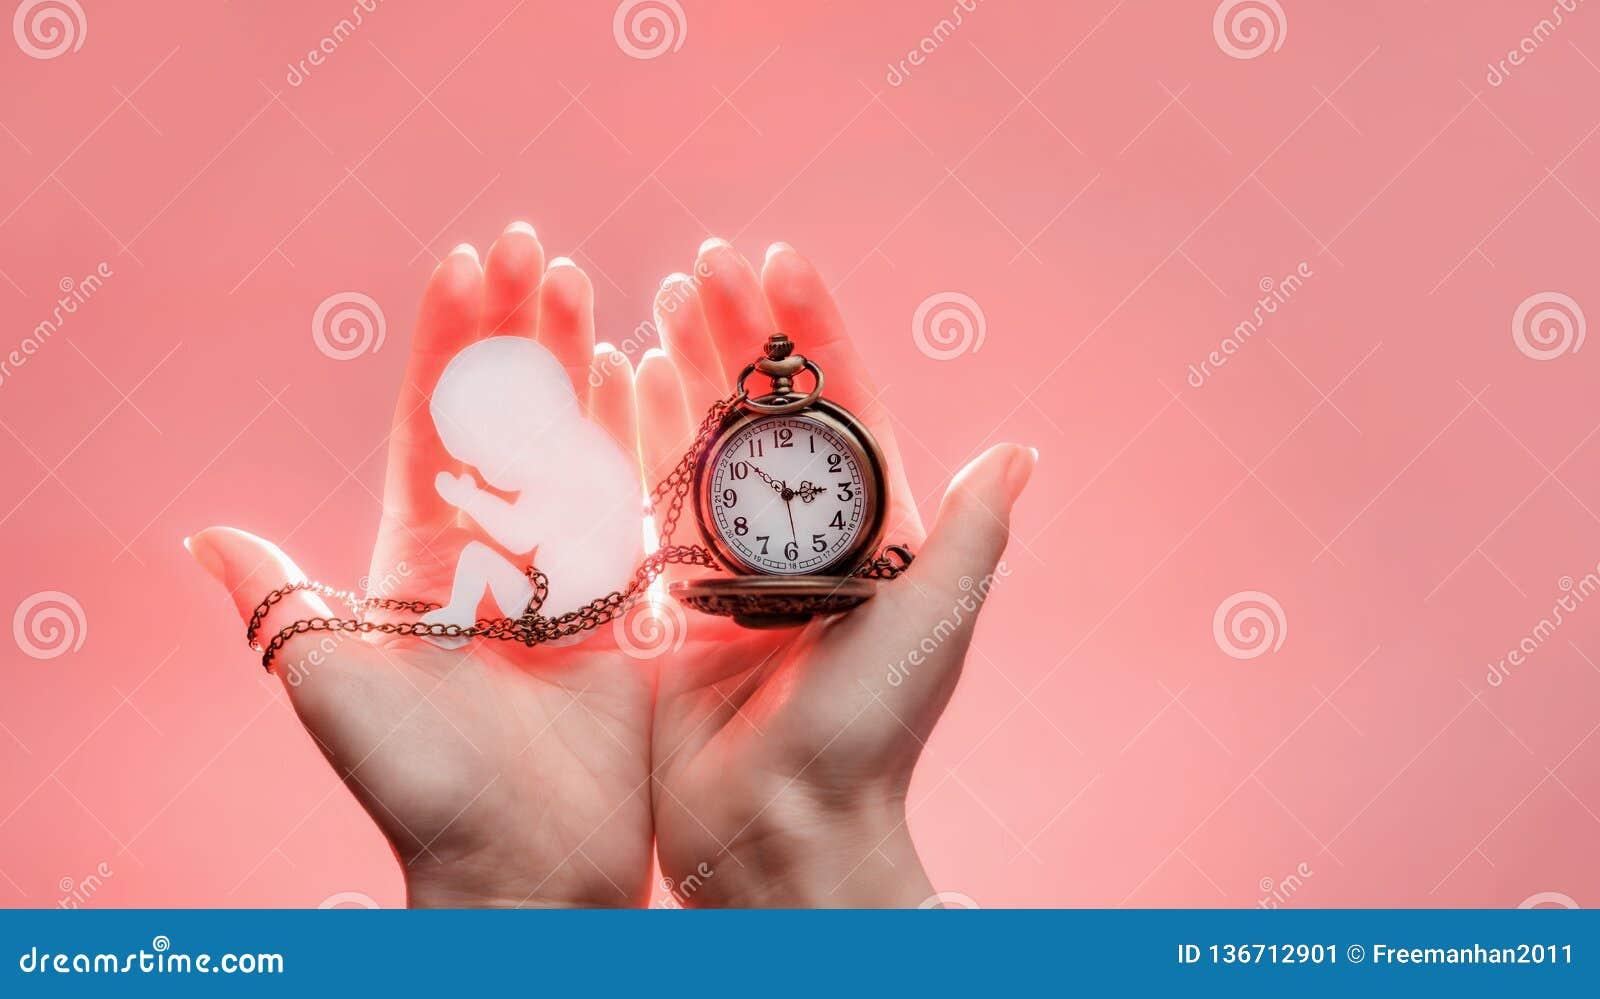 Embryosilhouet van document met ketting en klok in vrouwenhanden met licht Handen op de linkerkant Roze achtergrond met exemplaar